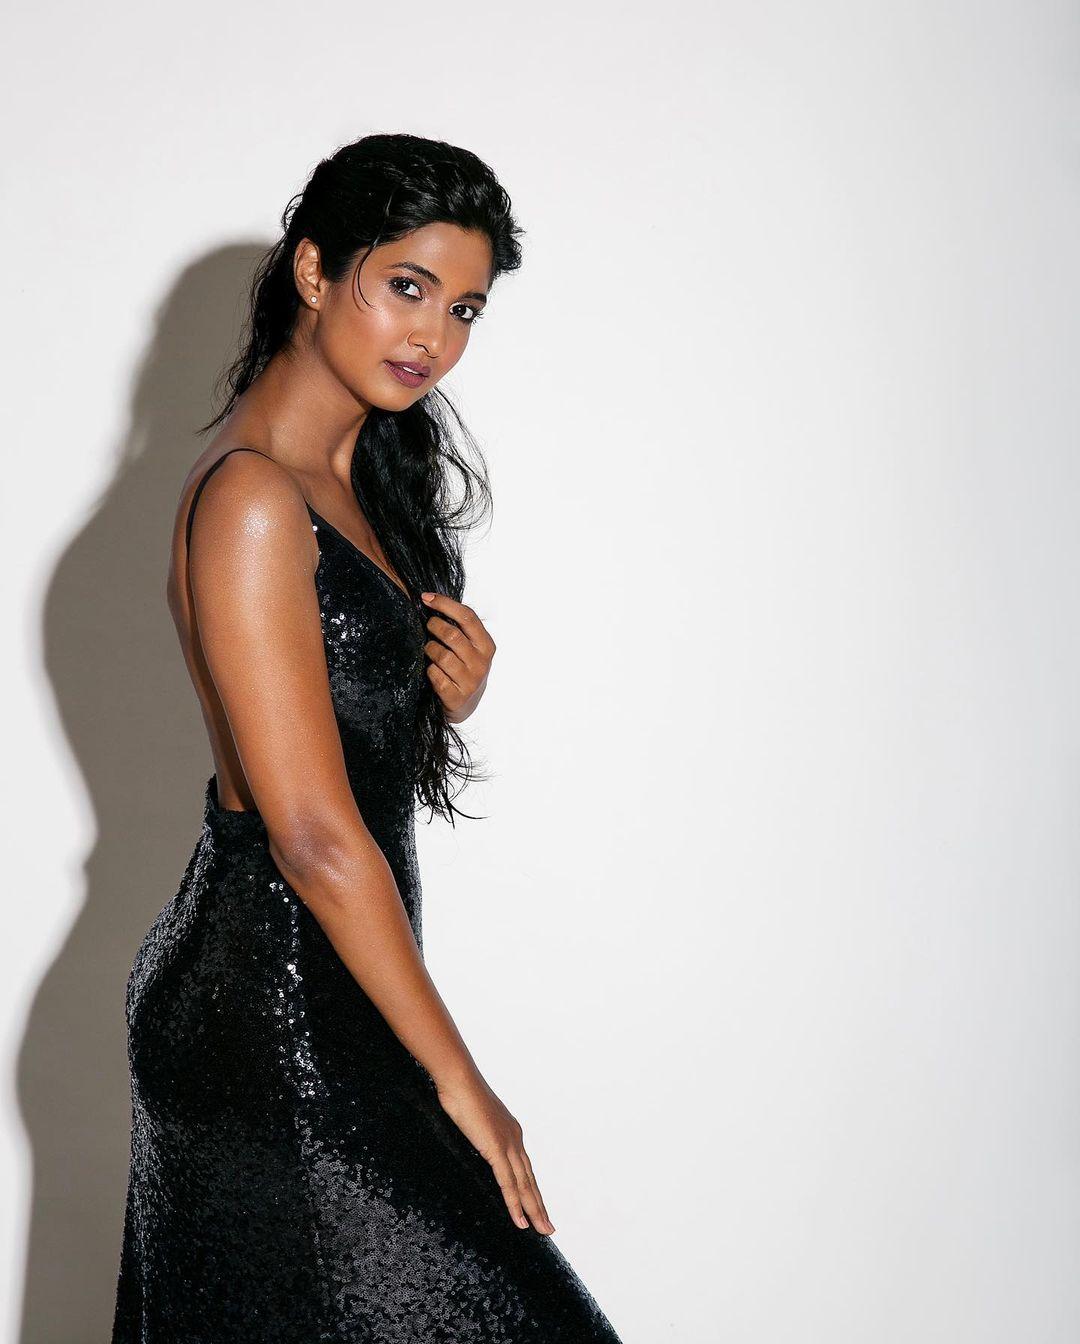 Actress Gallery,Keerthi Pandian,South indian,South Actress,Tamil,